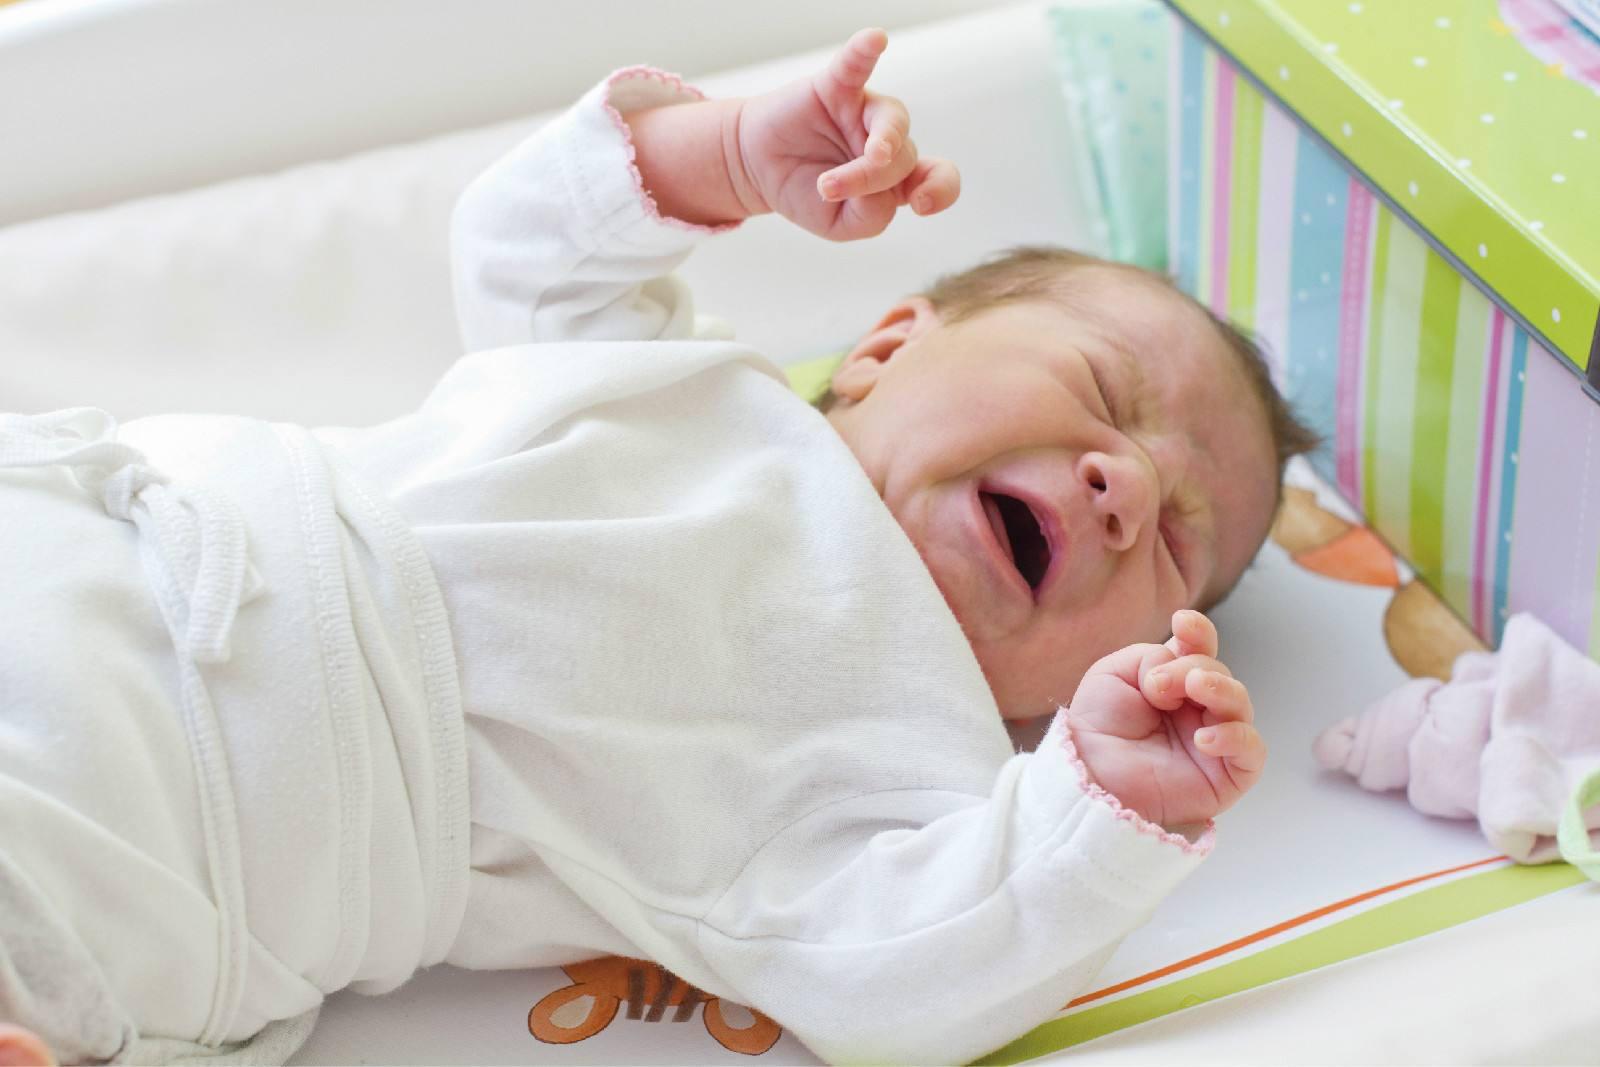 佳贝艾特优装婴幼儿配方羊奶粉,更多营养更多健康